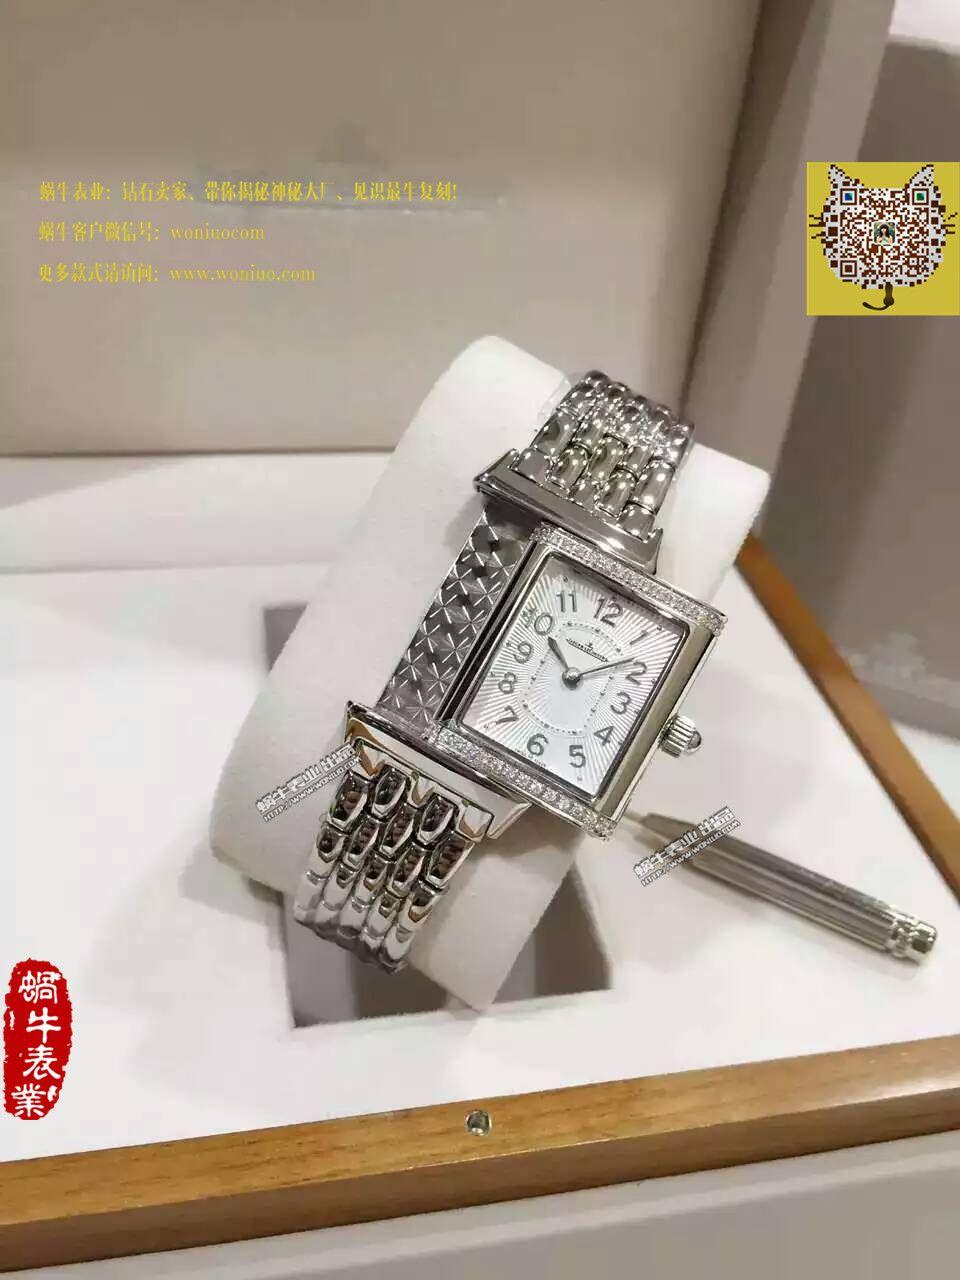 【一比一超A高仿手表】积家翻转系列腕表系列Q3208121女士腕表 / JJ072